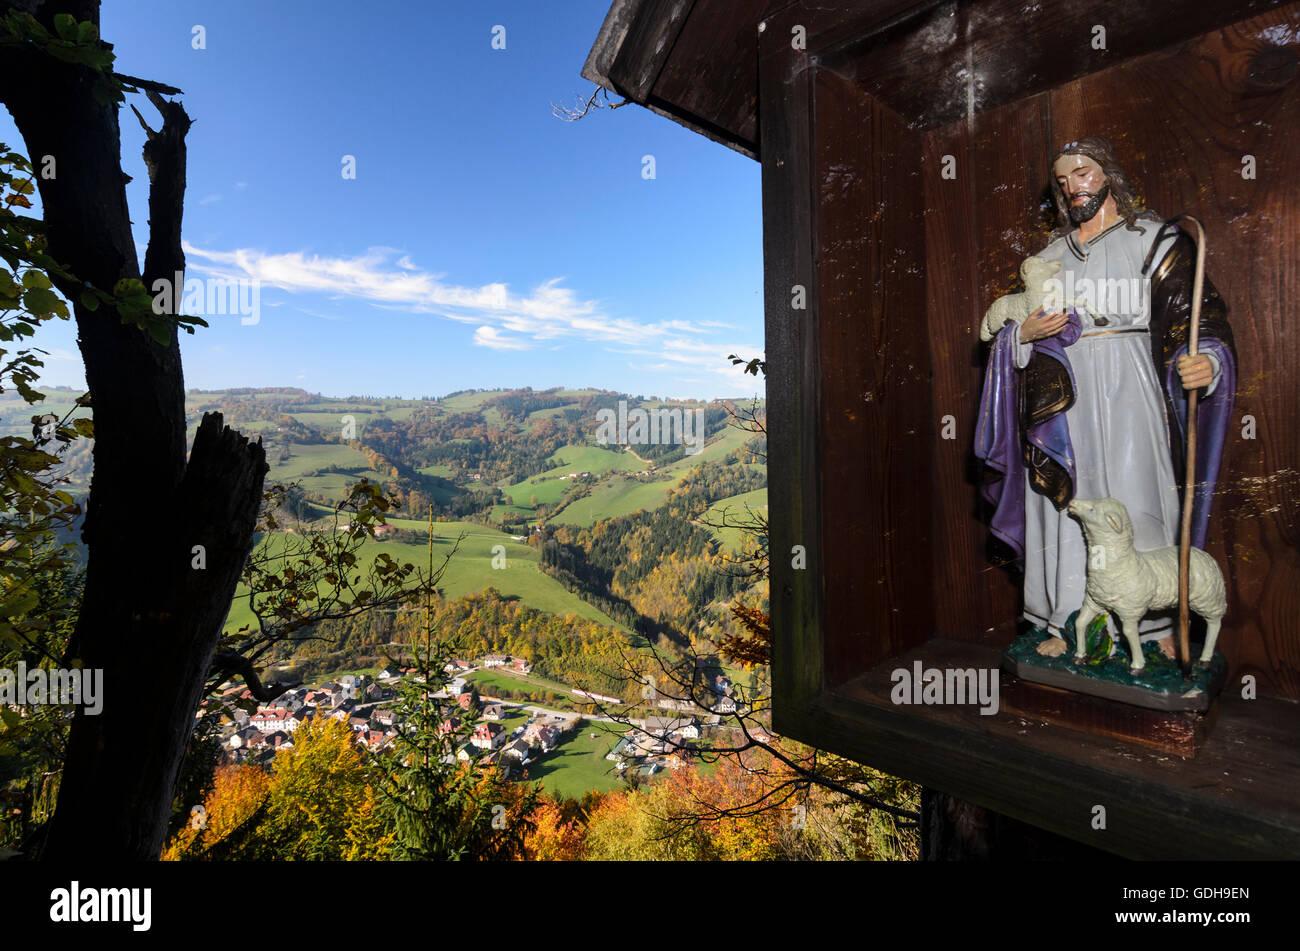 Sagenbüchlein: Bildstock, Blick vom Falkensteinmauer auf Sagenbüchlein gegenüber Frankenfelsberg Stockbild